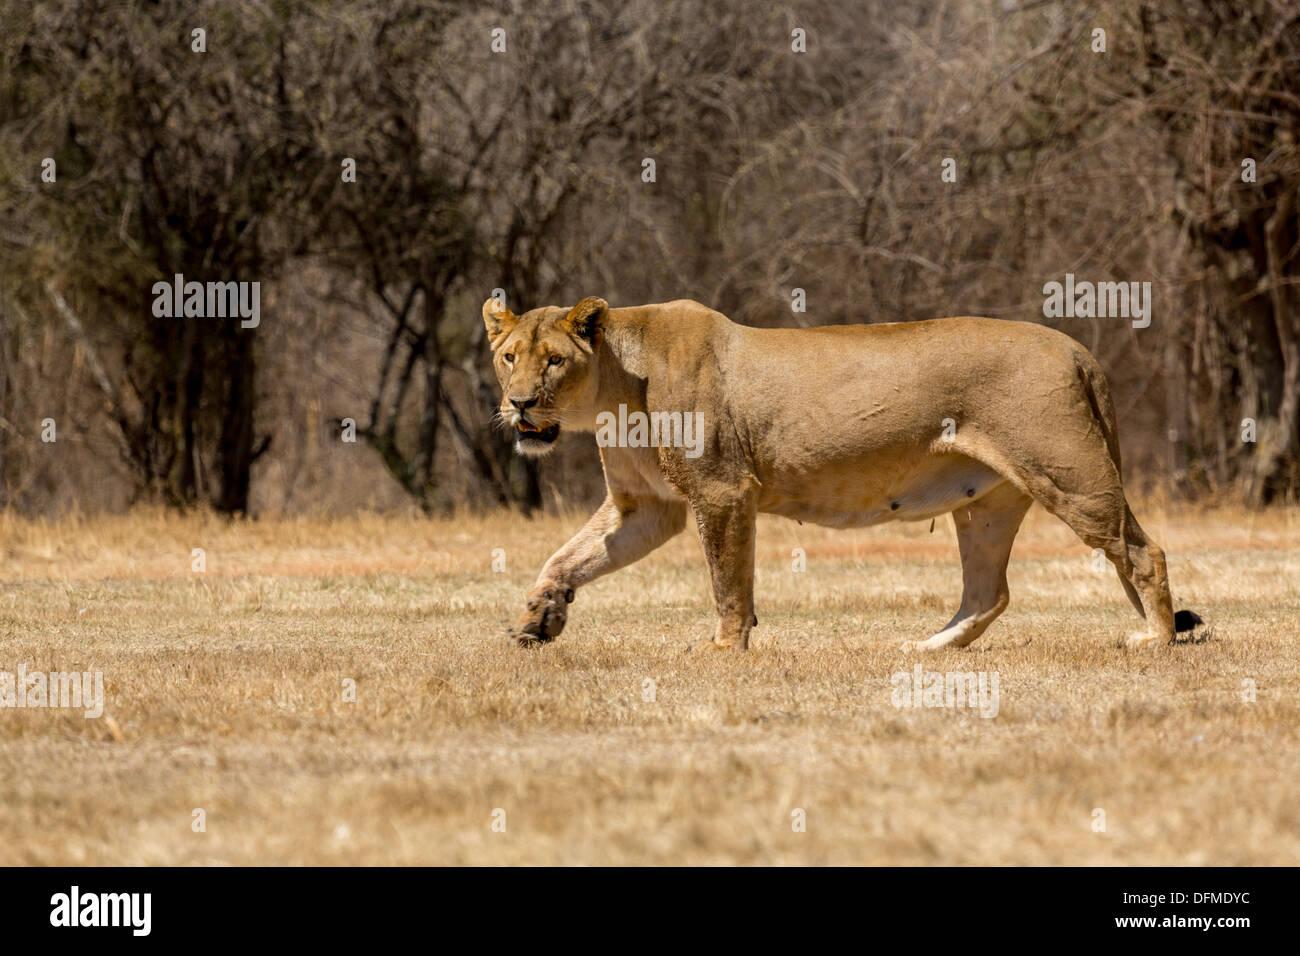 Una leona paseando por la sabana seca de tierras en un parque nacional en Sudáfrica Imagen De Stock